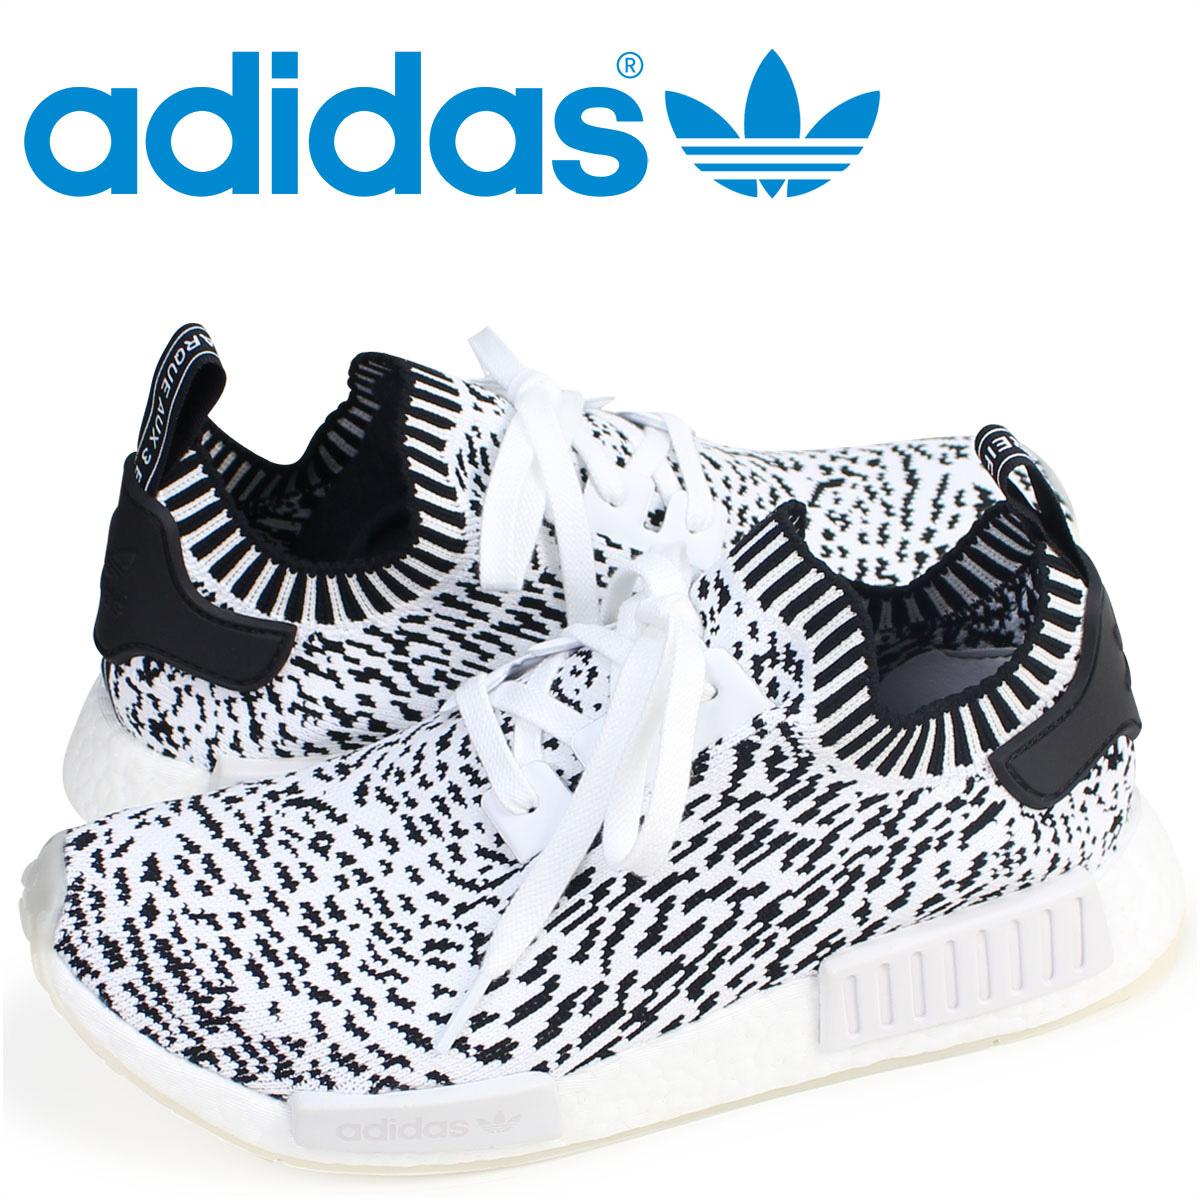 ekskluzywny asortyment zawsze popularny oficjalne zdjęcia Adidas NMD R1 PK adidas Originals sneakers N M D nomad men BZ0219 ZEBRA  PACK shoes white